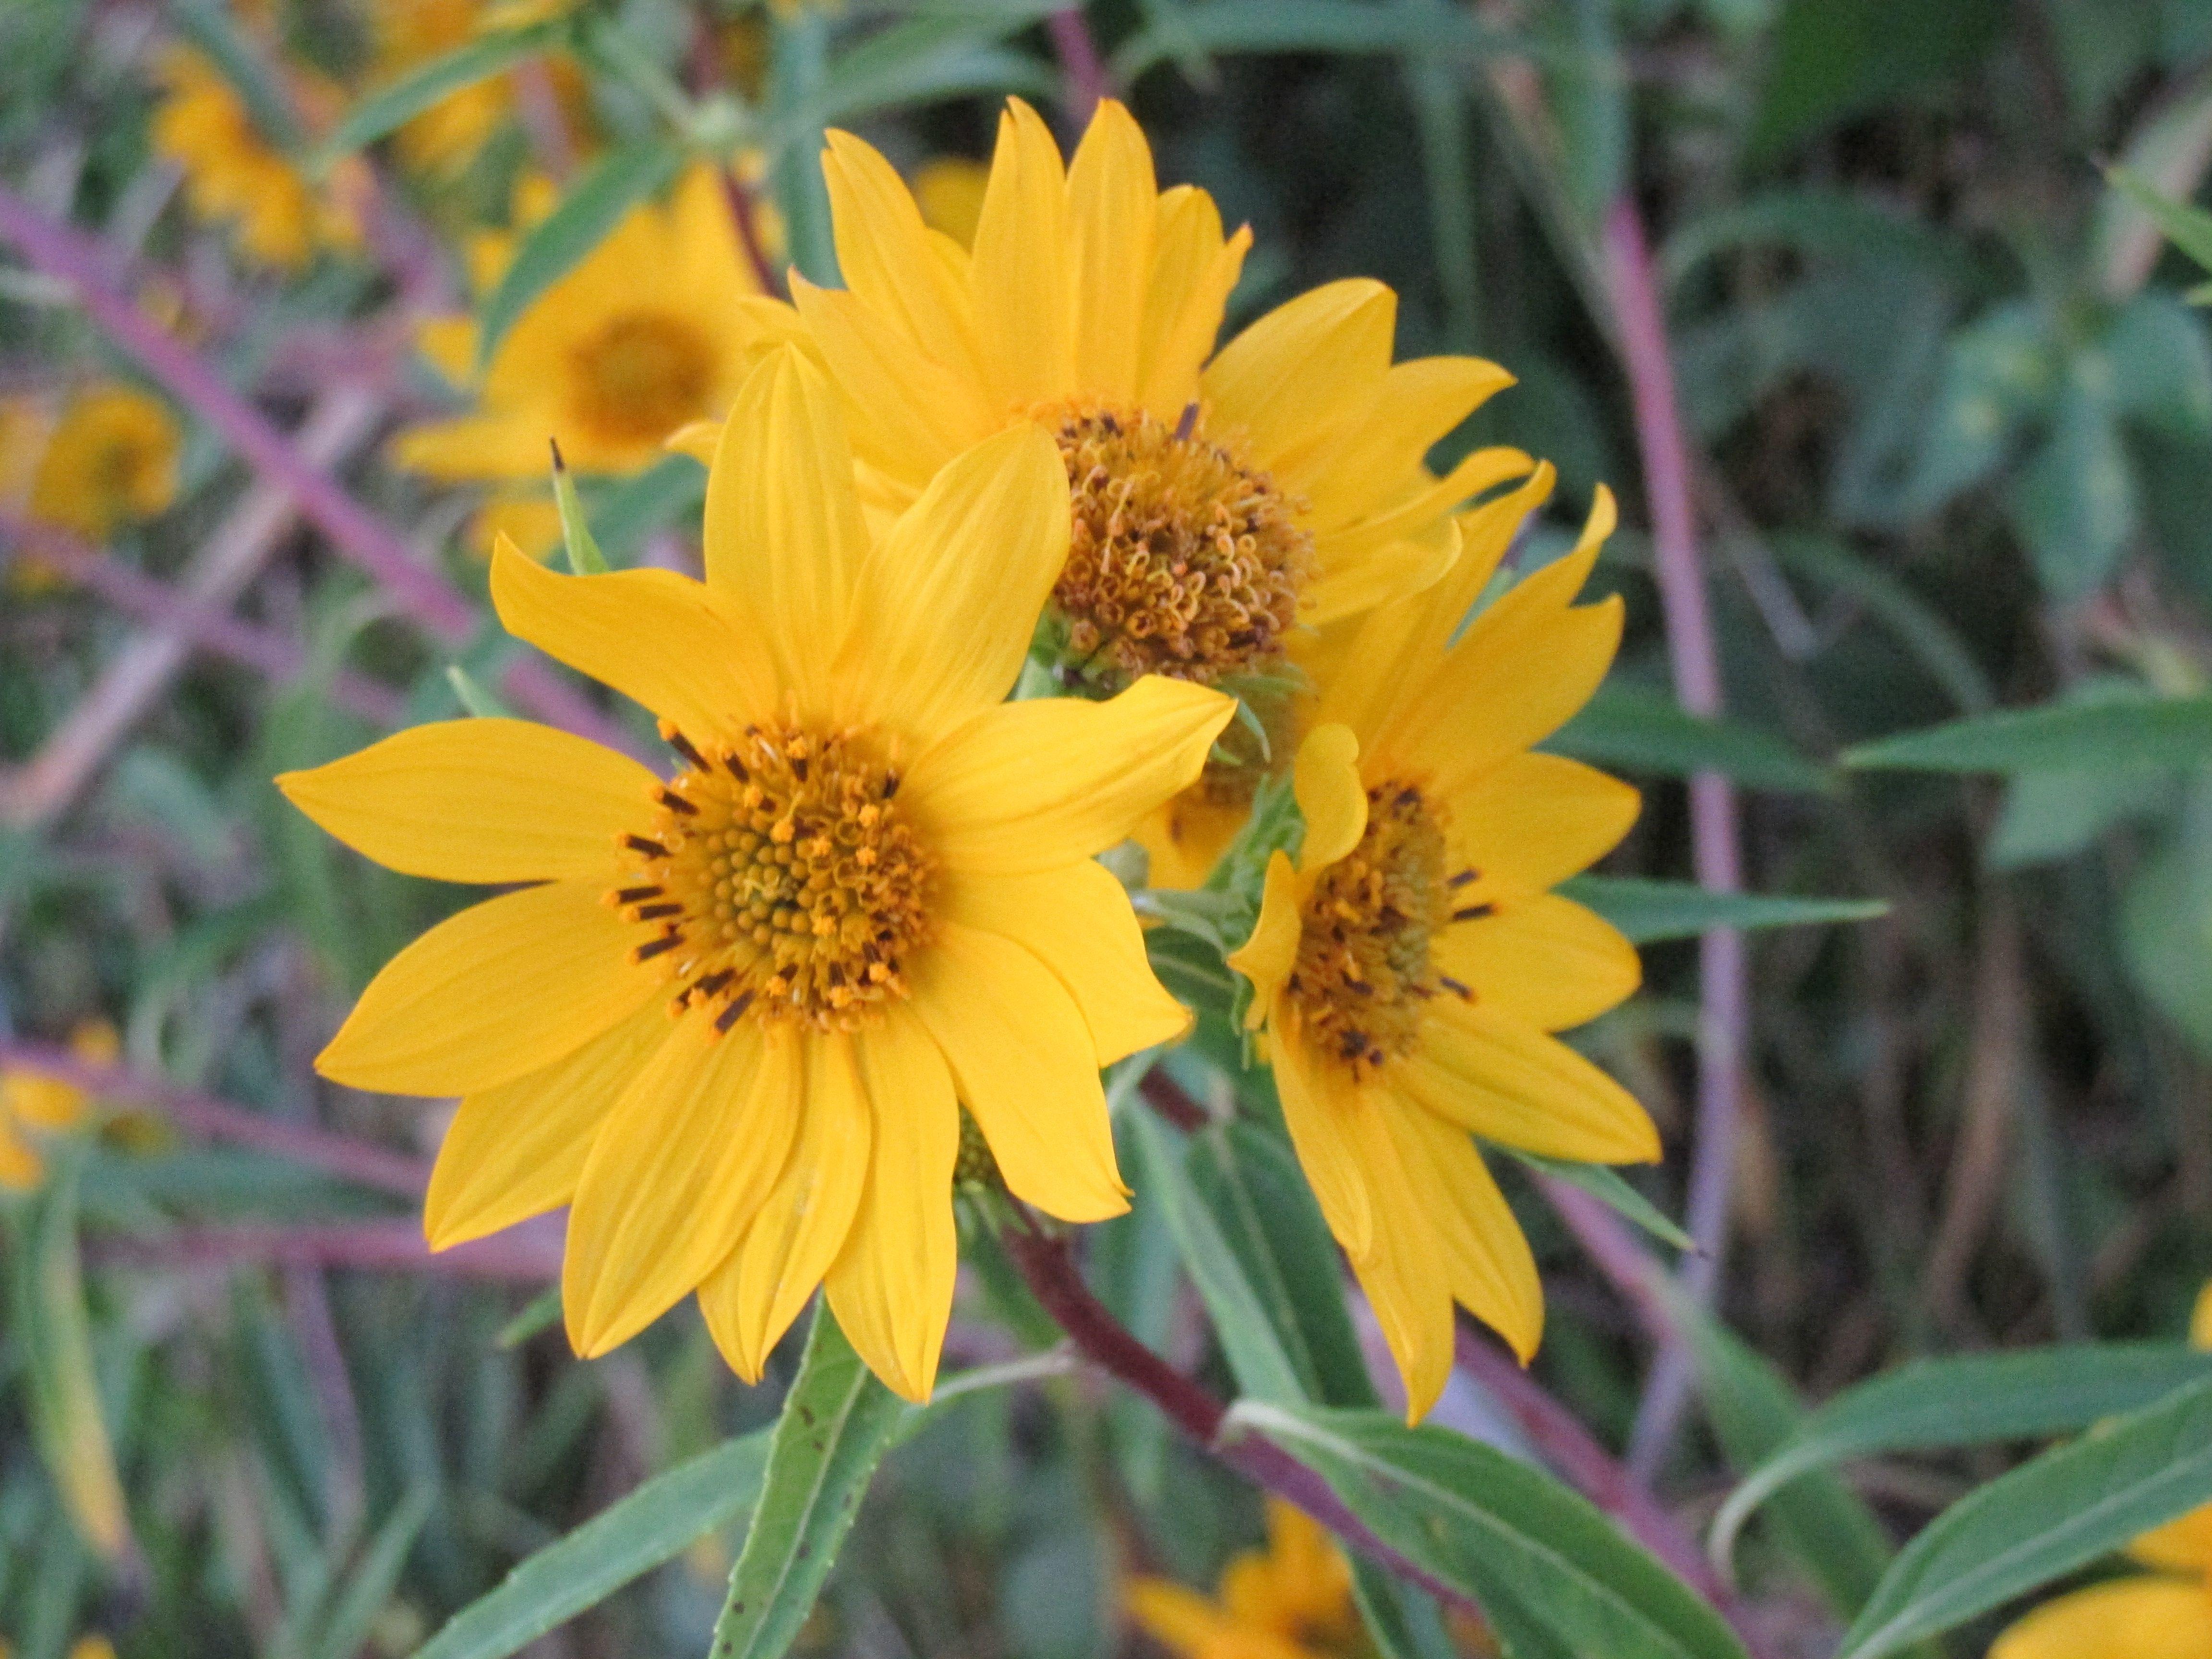 Fall Little Sunflower Wildflower Along The Roadside Plants Wild Flowers Growing Plants